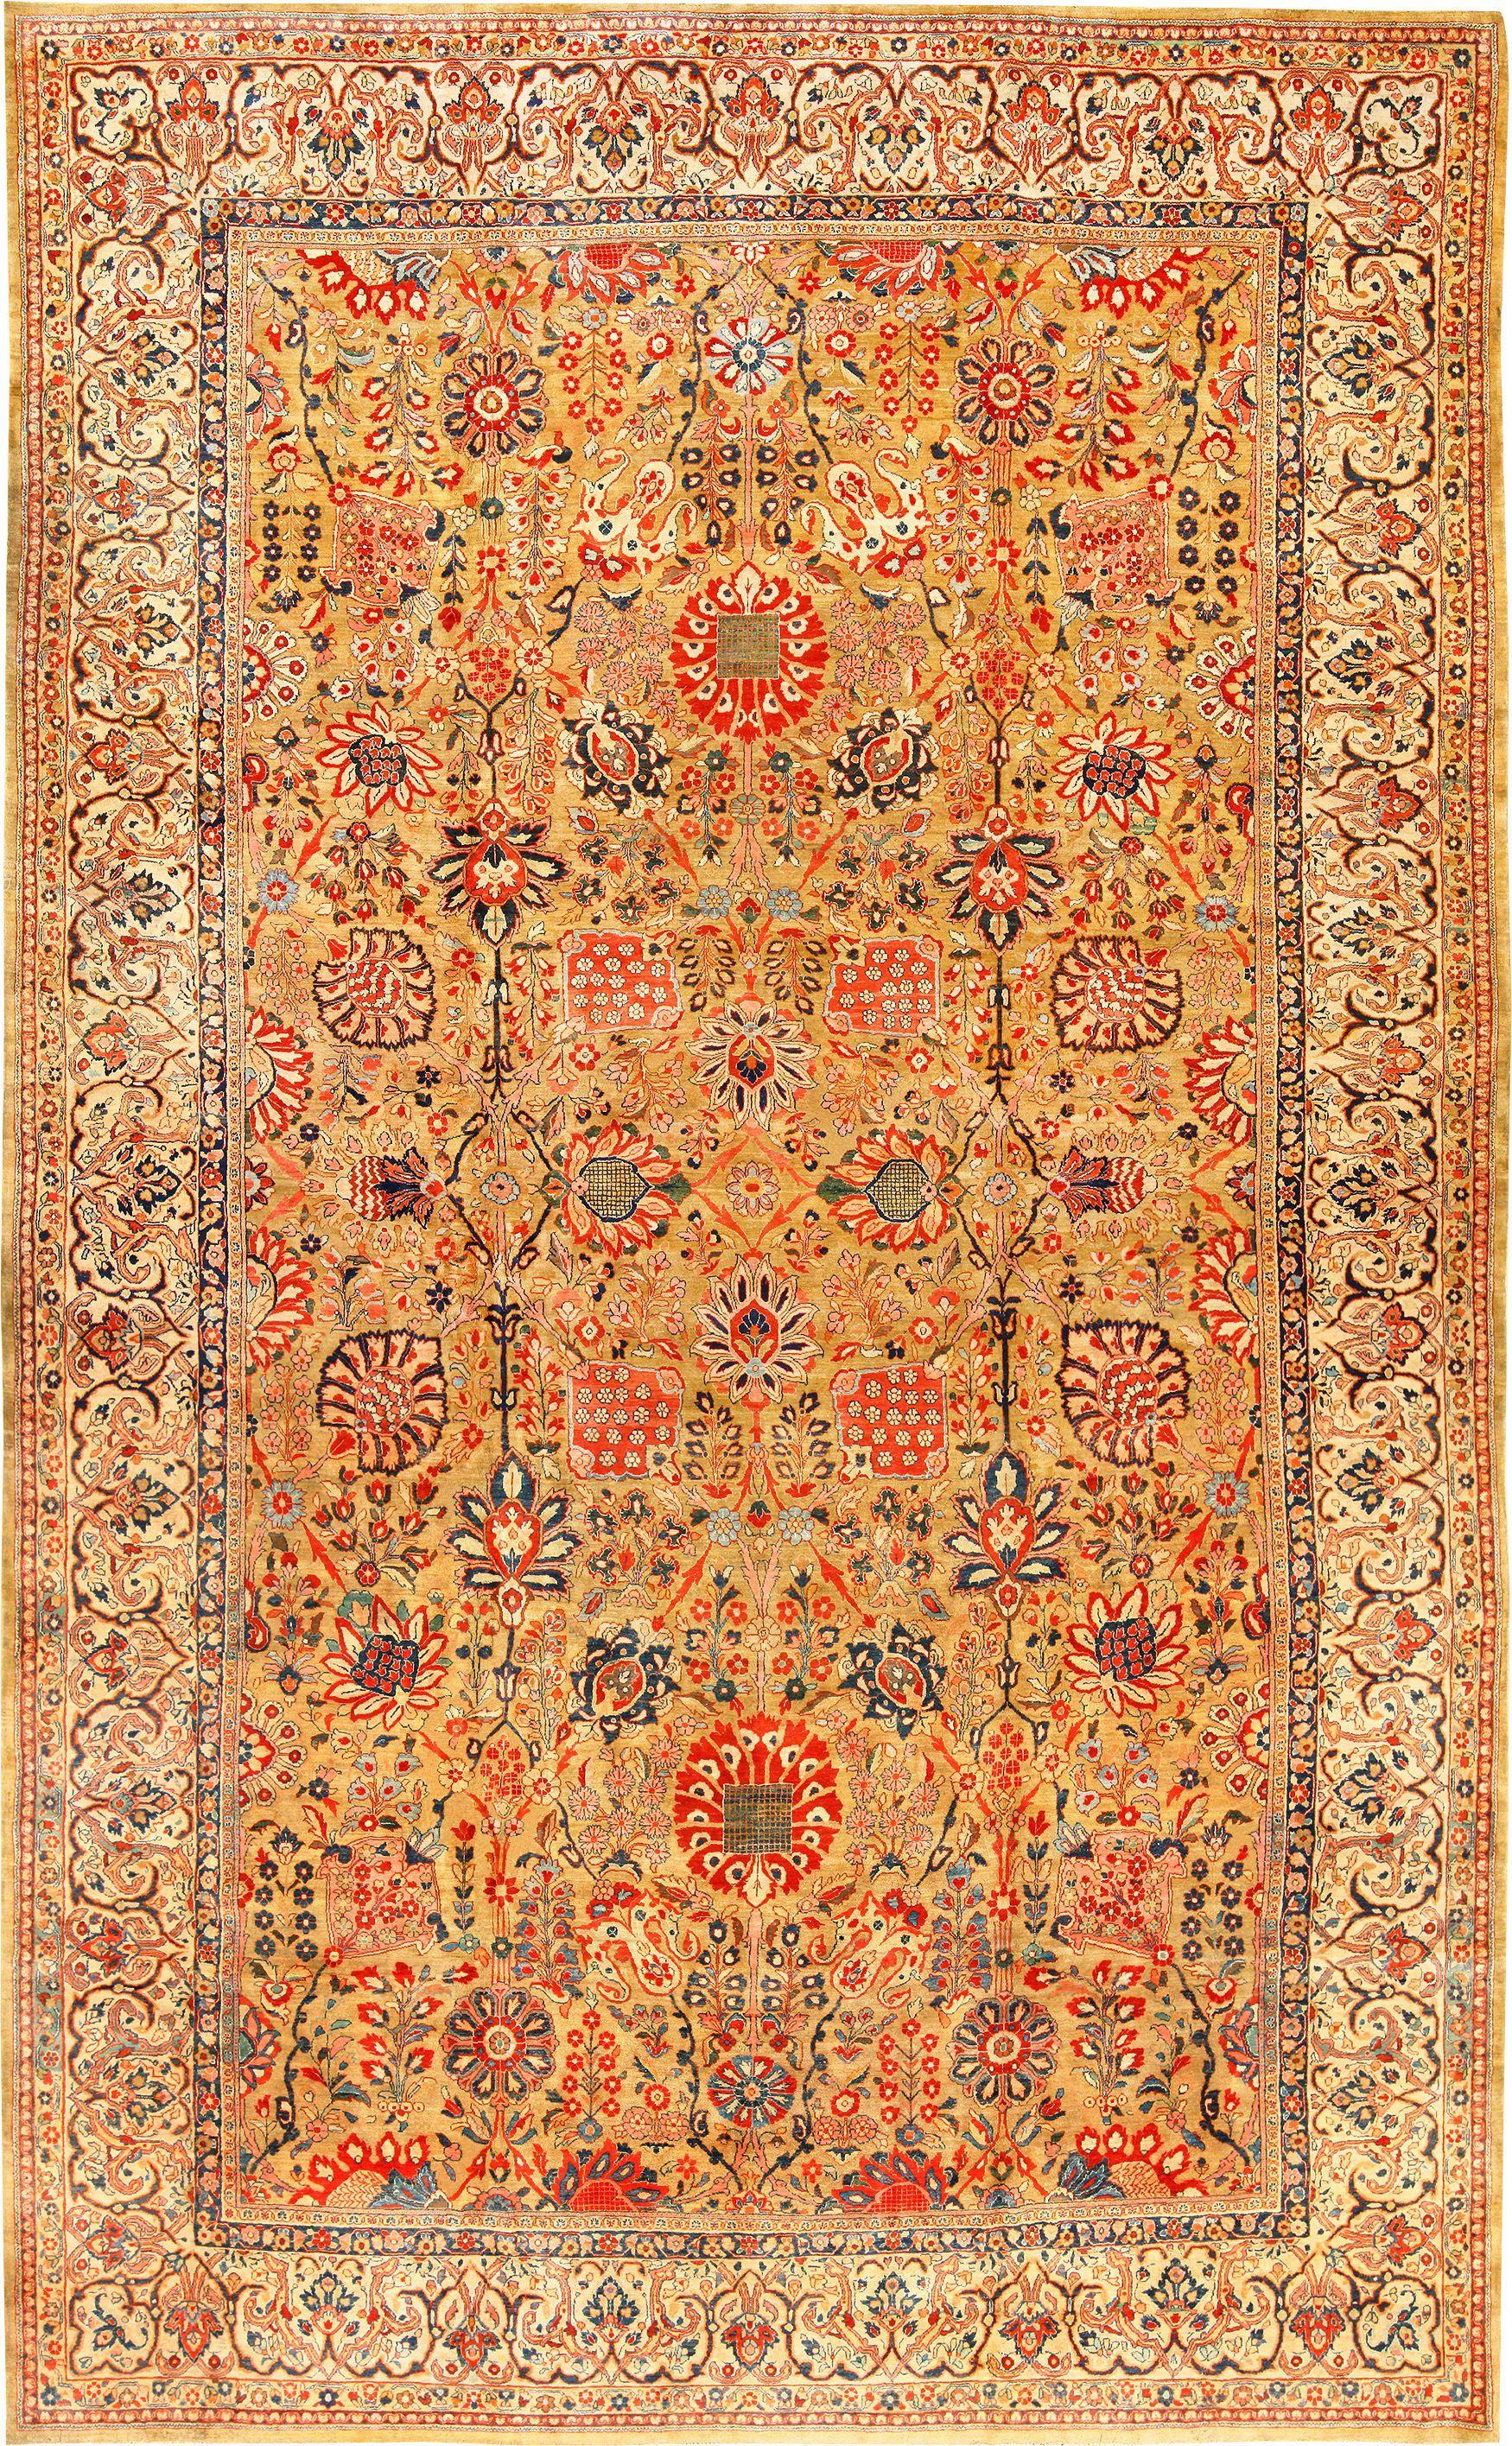 Antique Persian Sarouk Farahan Rug 49169 By Nazmiyal Rugs Victorian Rugs Antique Persian Rug